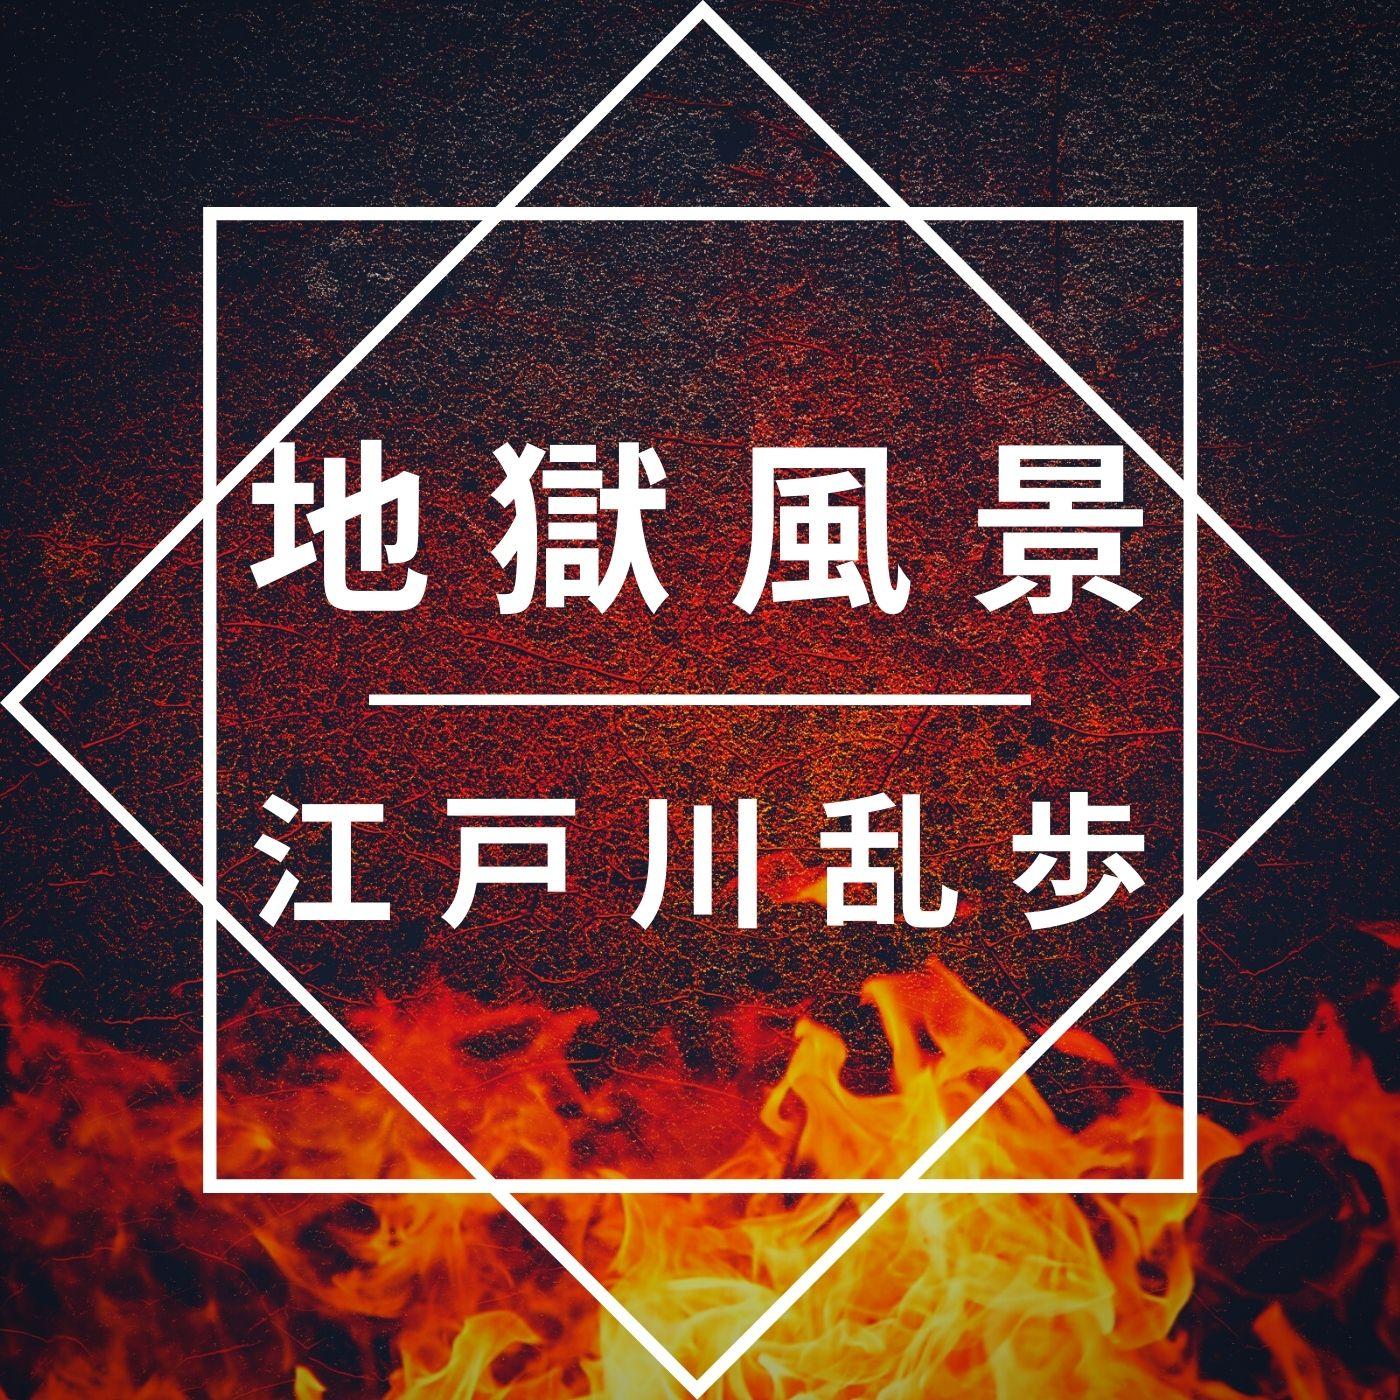 地獄風景 江戸川乱歩